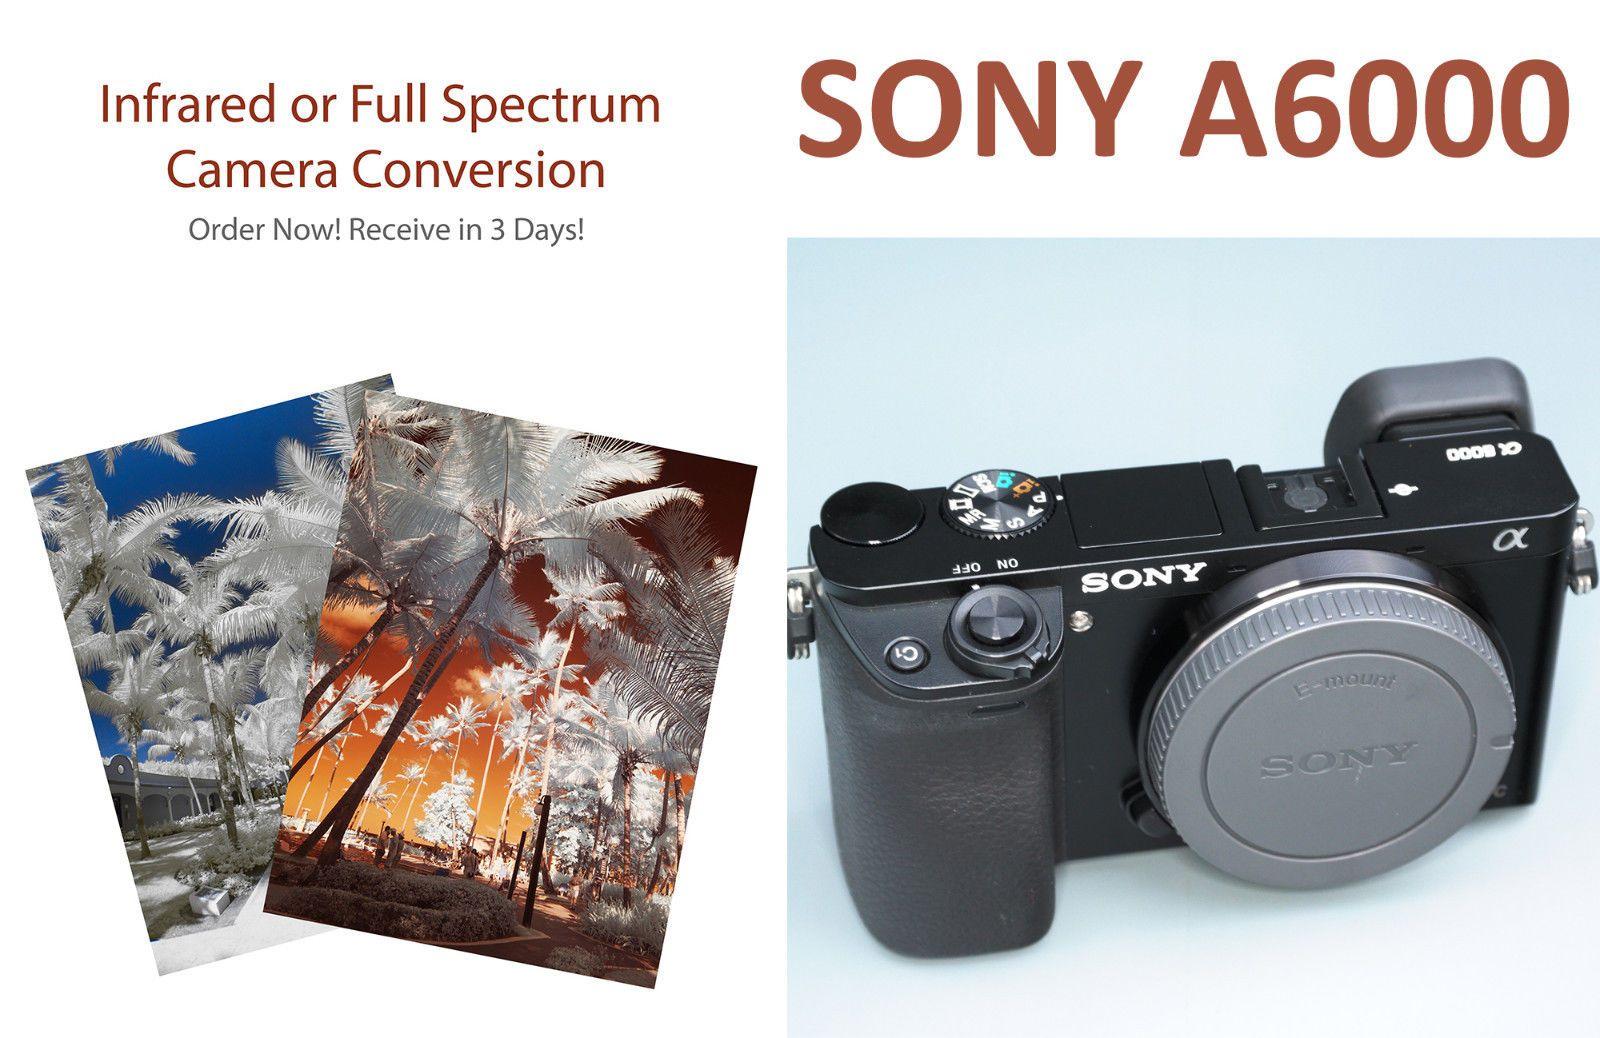 Medium Crop Of Sony A6000 Refurbished